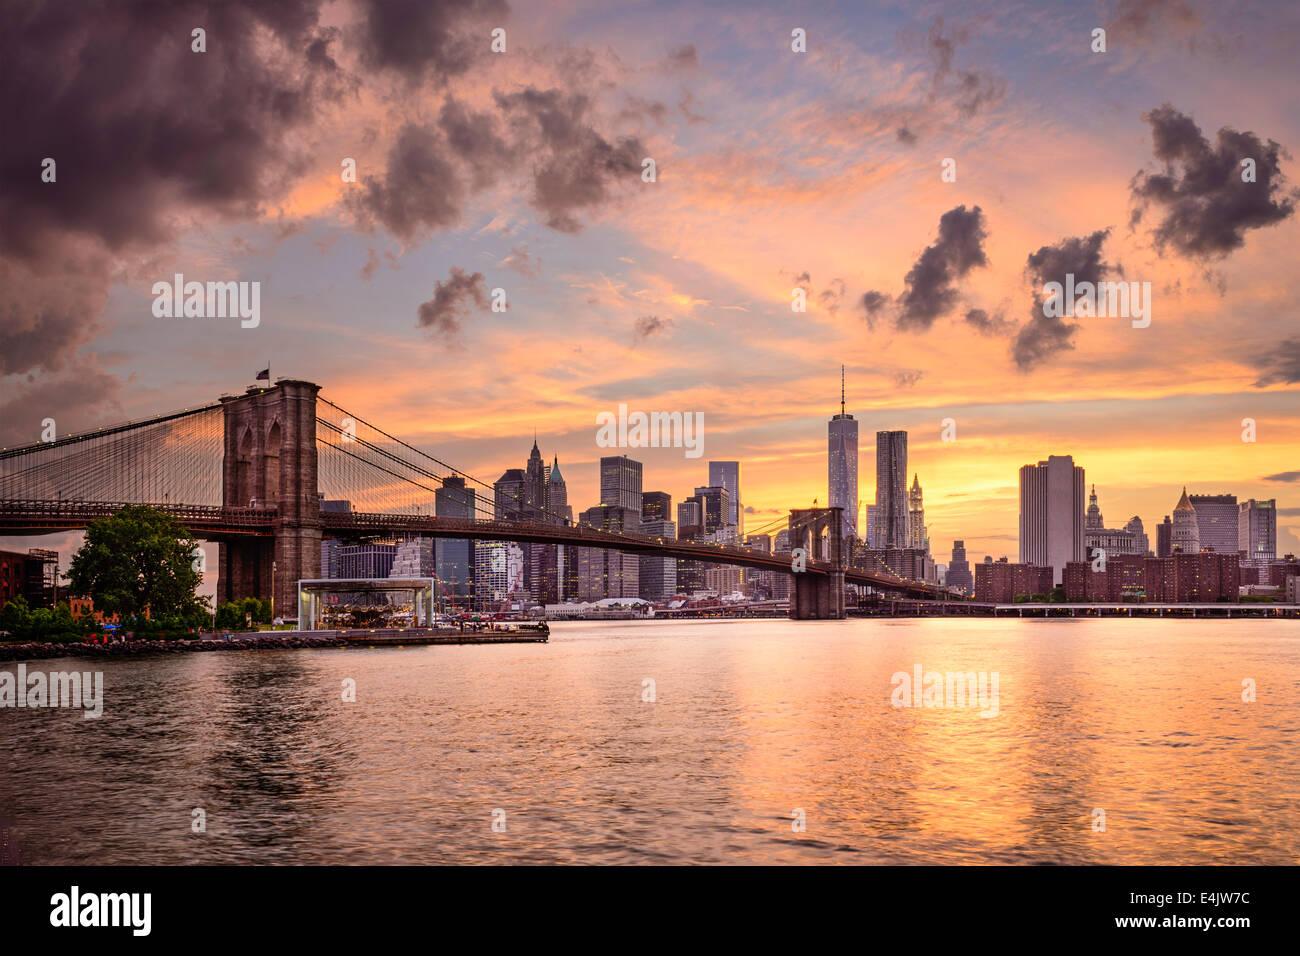 La Ciudad de Nueva York, EE.UU skyline al atardecer. Imagen De Stock